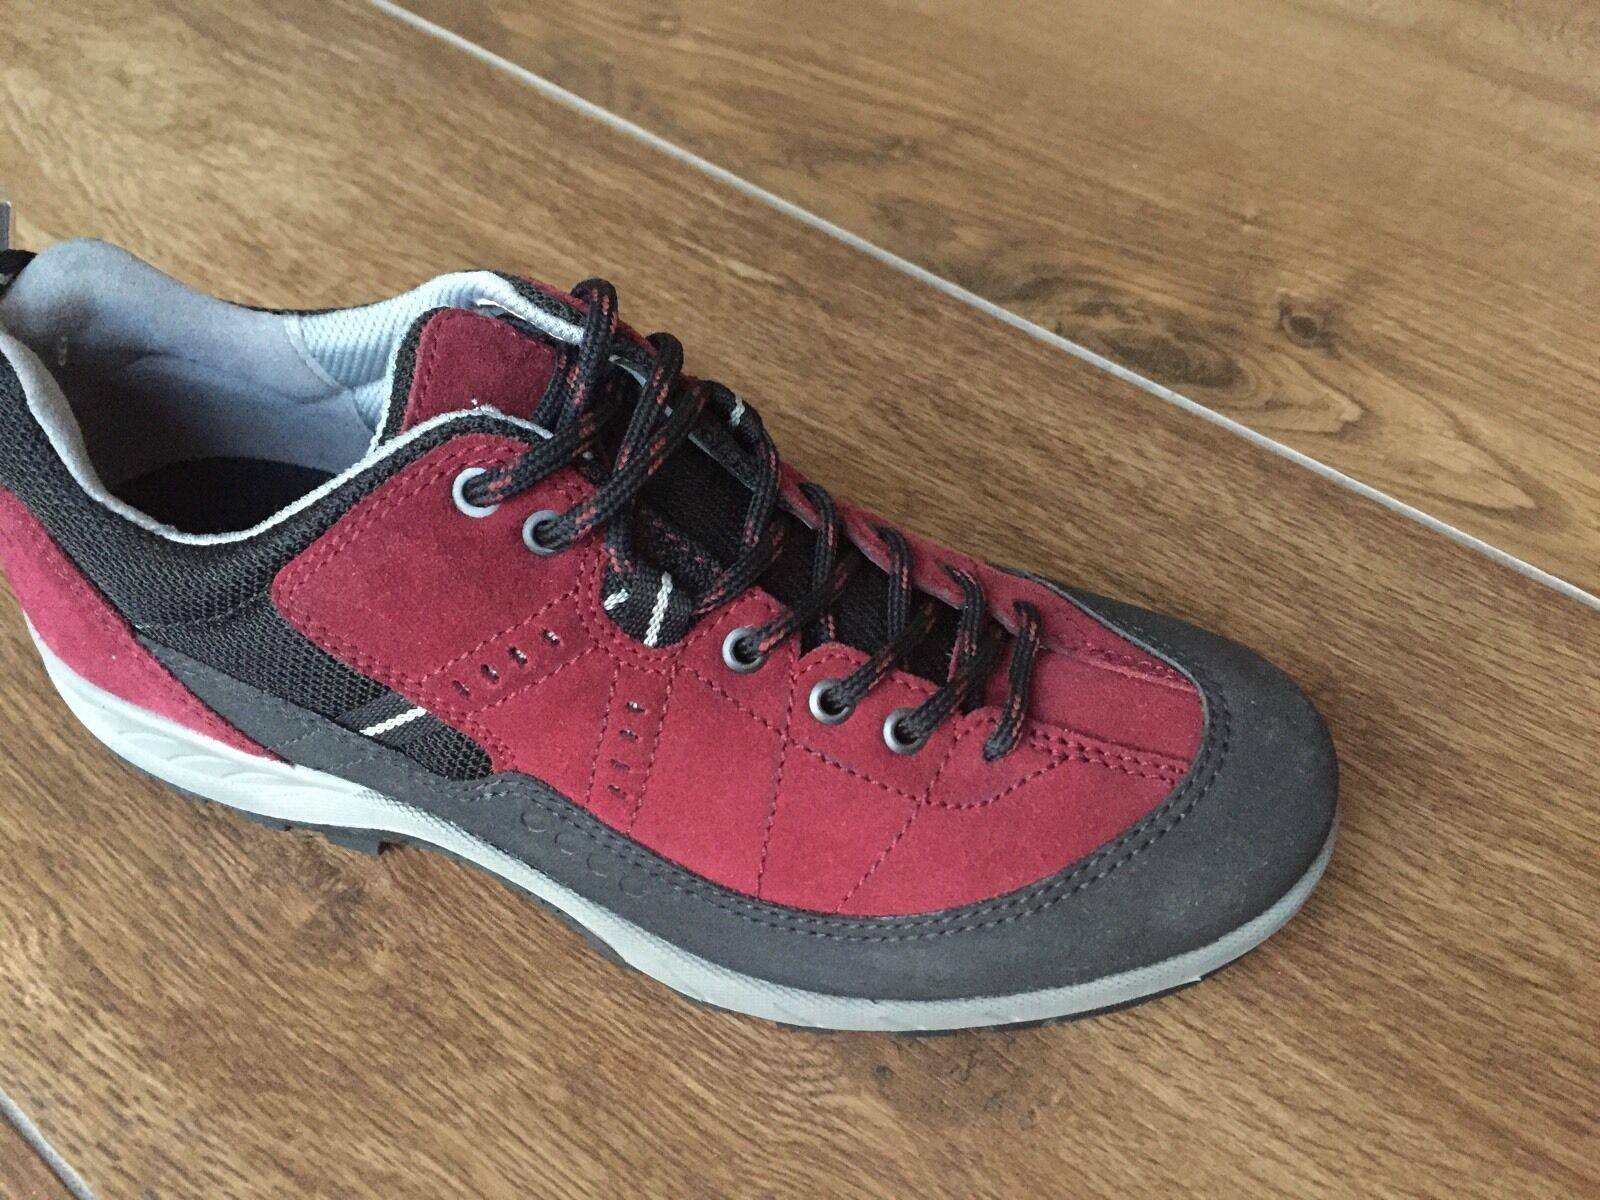 Ecco Ecco Ecco Makoto señora zapatos talla 37 goretex  Envío 100% gratuito